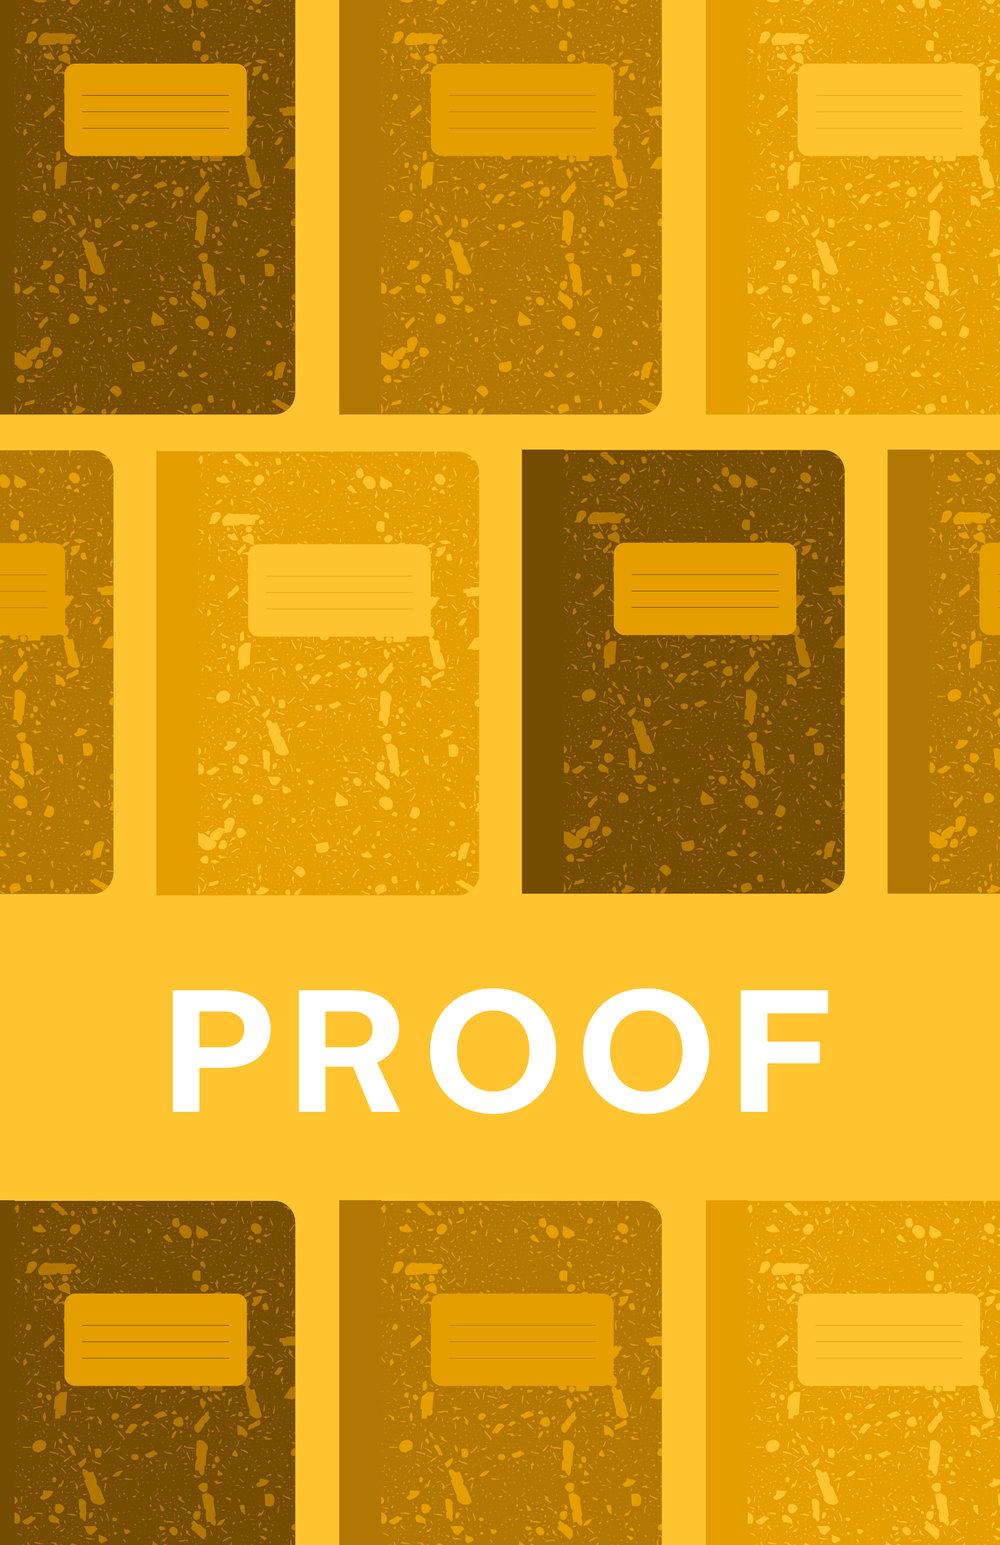 02-PROOF-Vertical.jpg